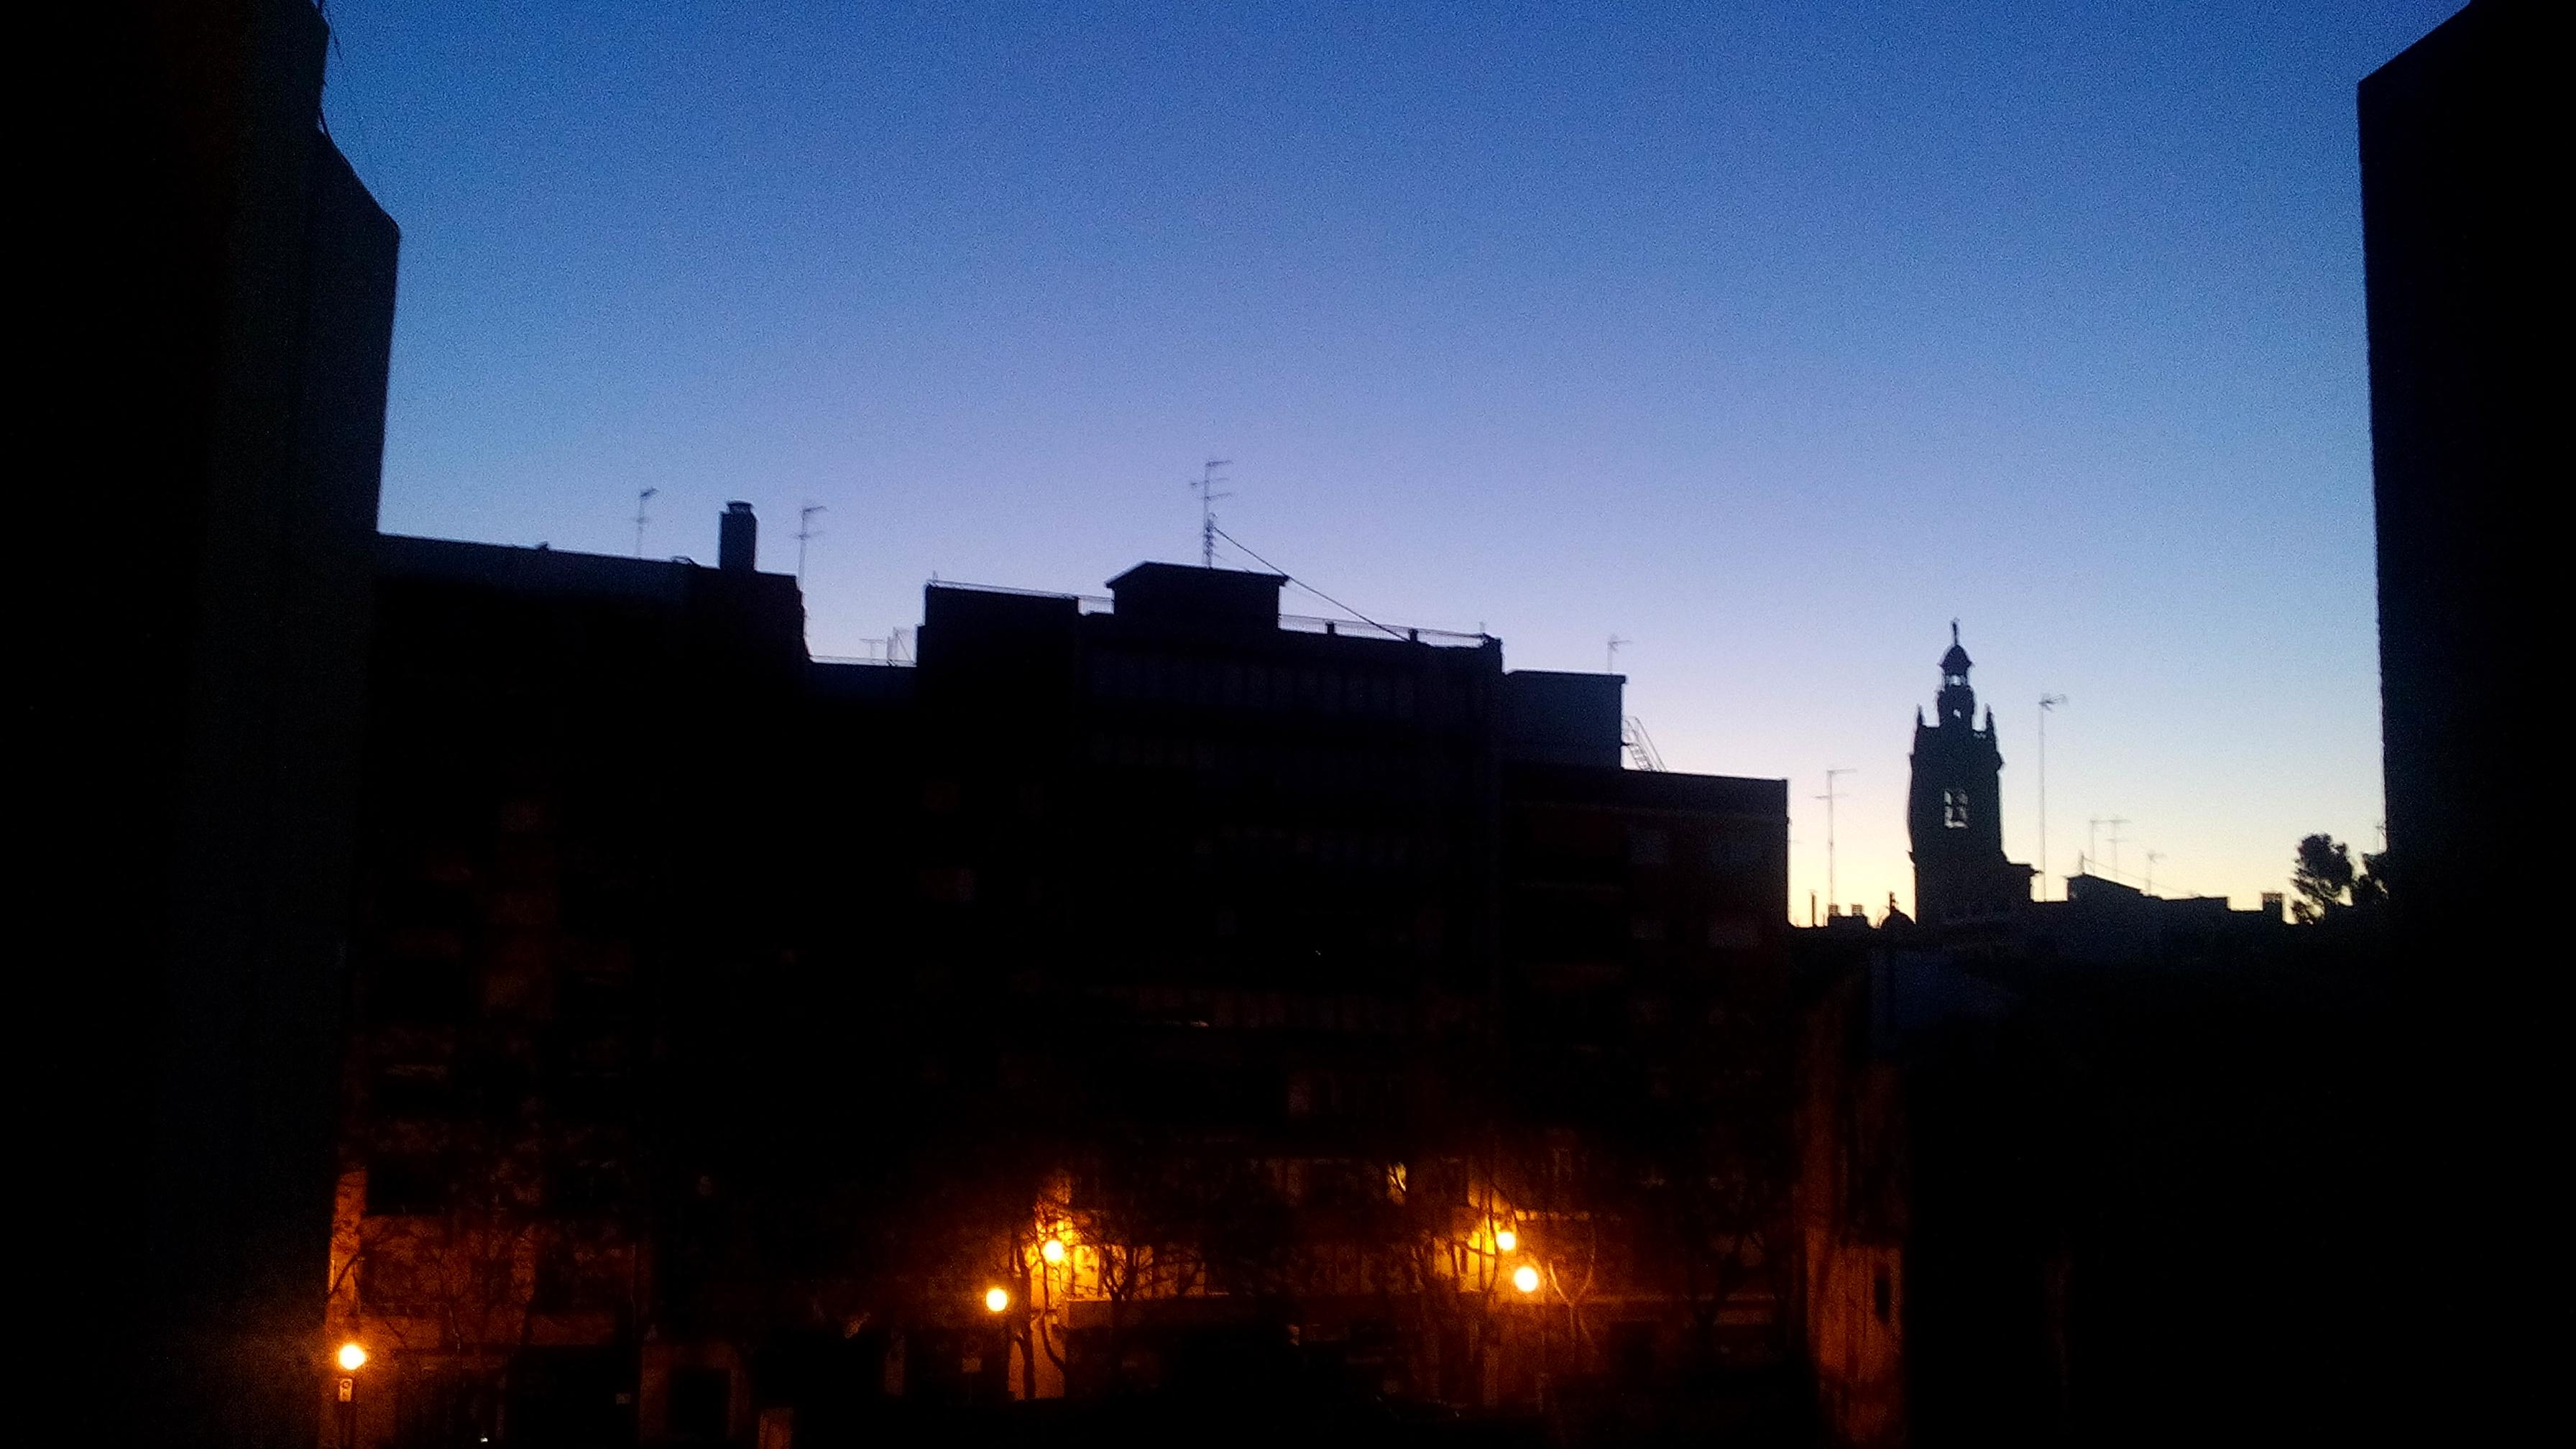 hajnali (reggel 7) kép. Persze  sosem kerek ilyen korán, csak a hajléktalanszállón. Ez a szálló konyhaablakából készült